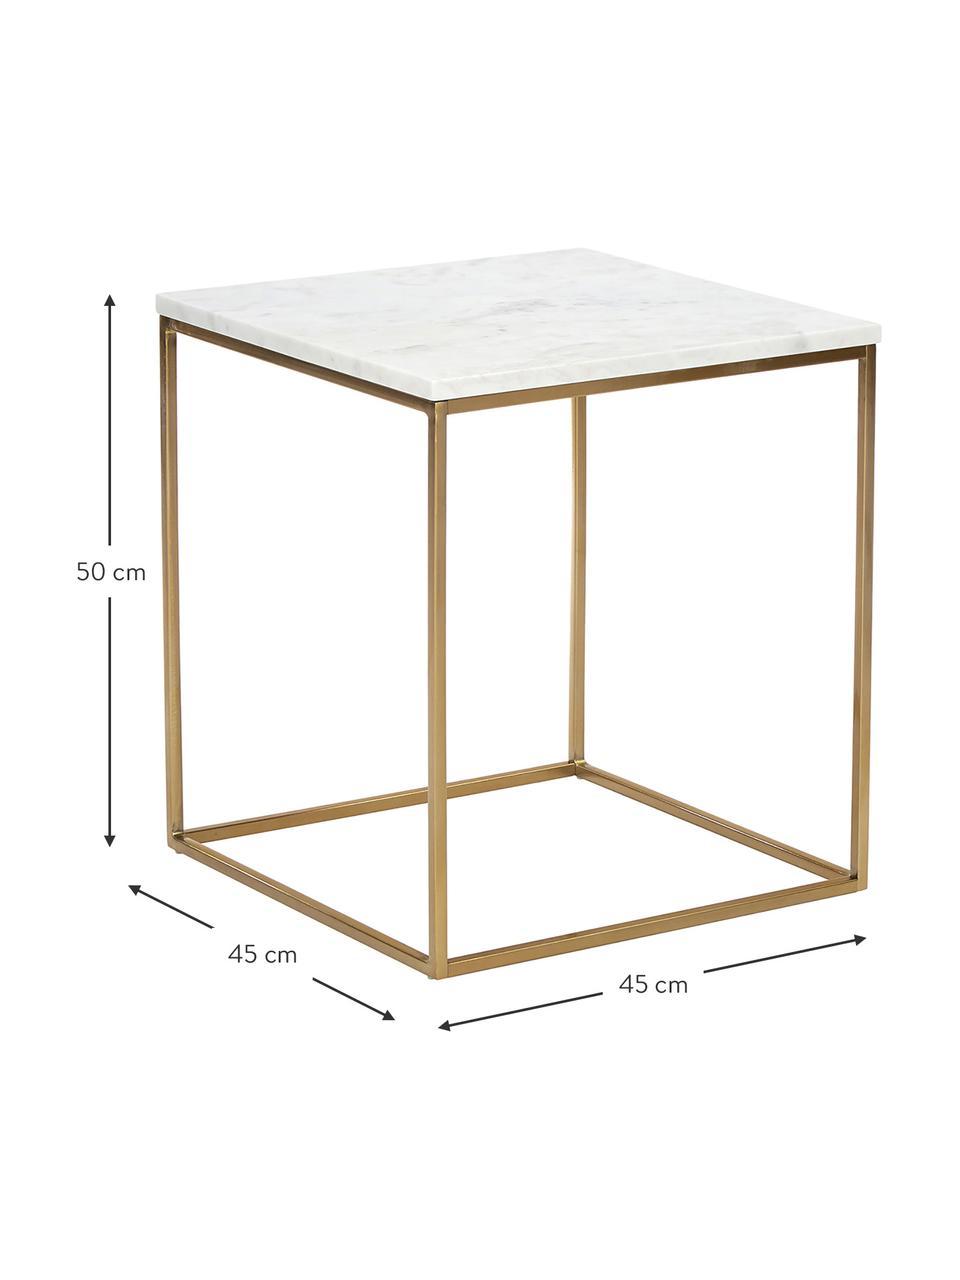 Marmor-Beistelltisch Alys, Tischplatte: Marmor, Gestell: Metall, pulverbeschichtet, Tischplatte: Weiß-grauer Marmor Gestell: Goldfarben, glänzend, 45 x 50 cm